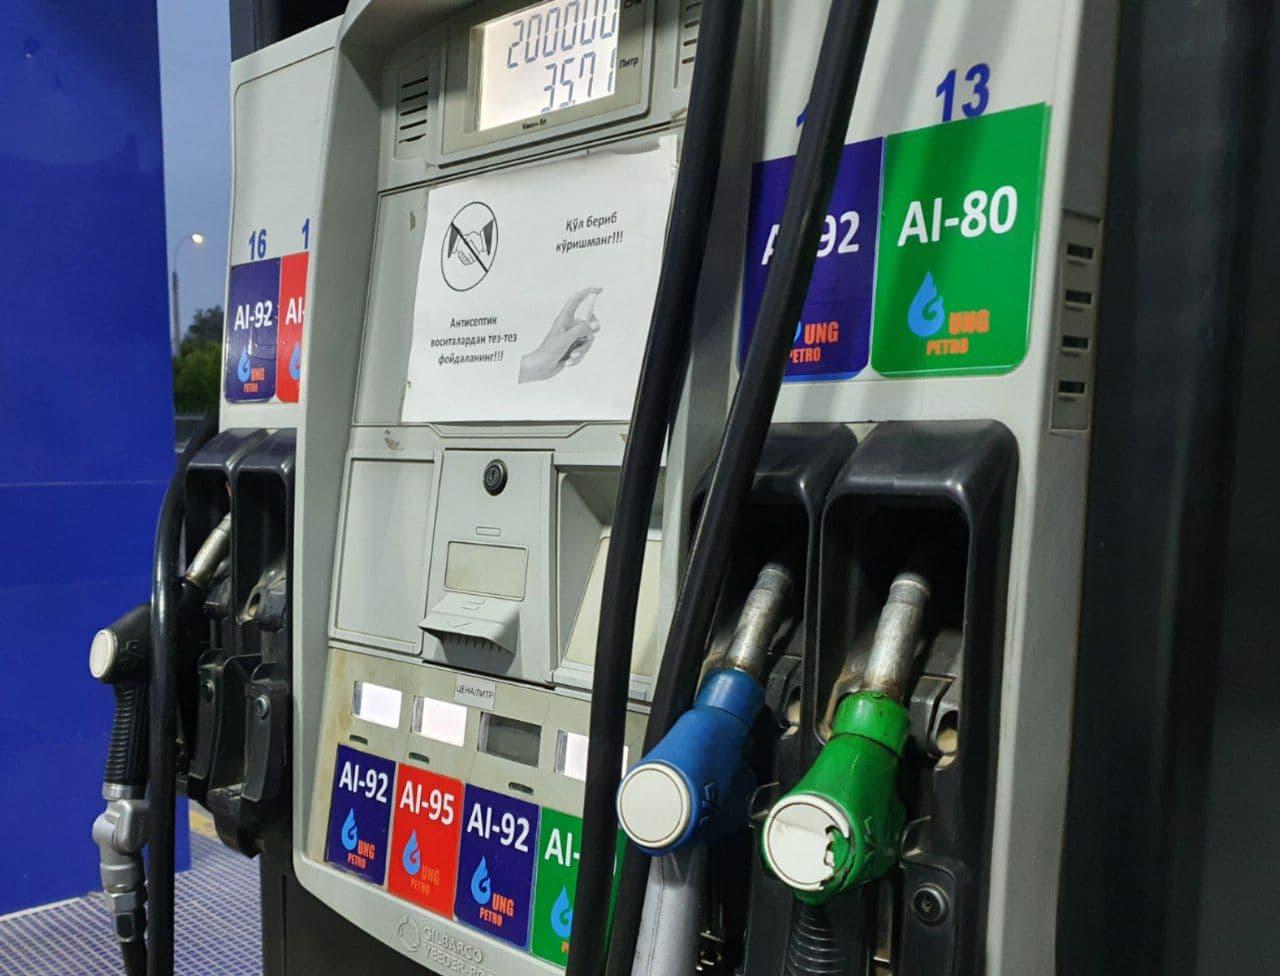 цены на бензин в Узбекистане